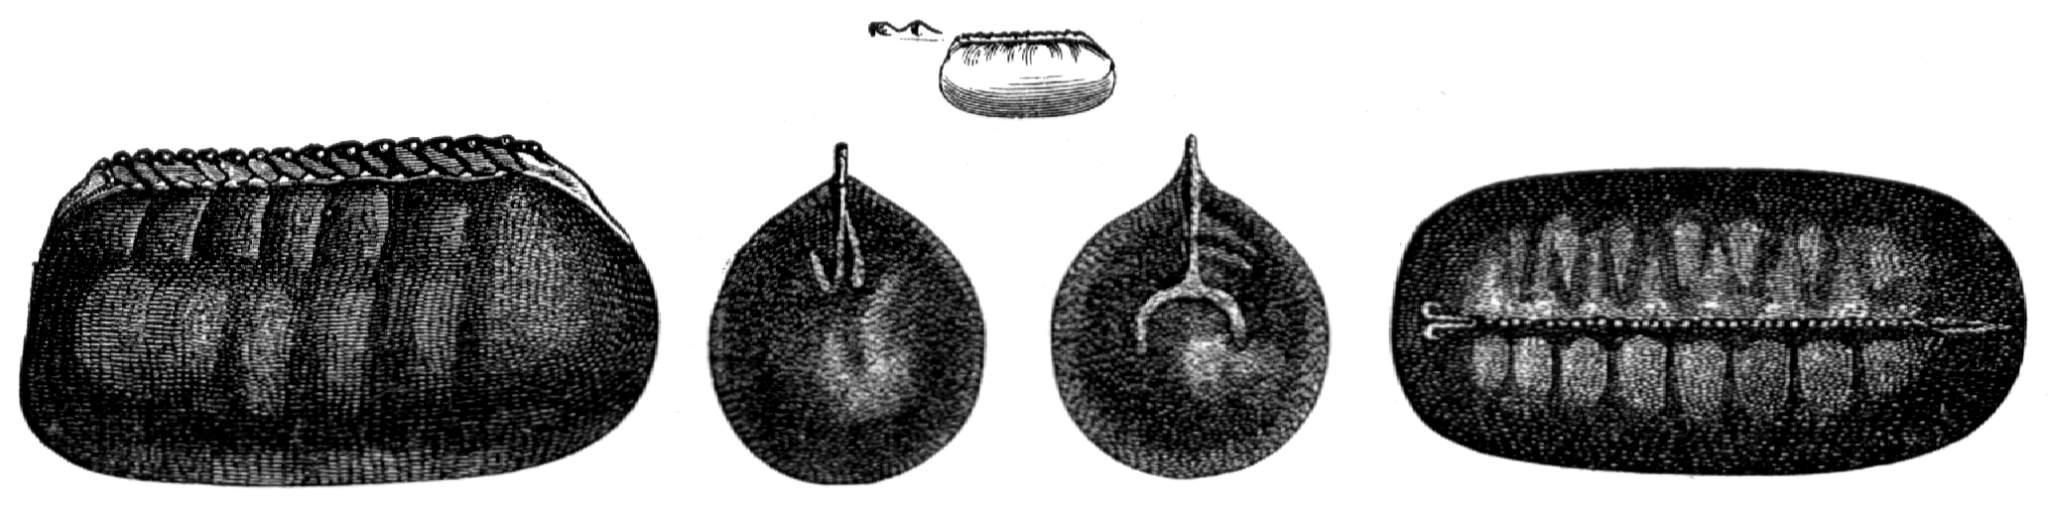 Eikapsel Der Kuchenschabe Periplaneta Orientalis Oben In